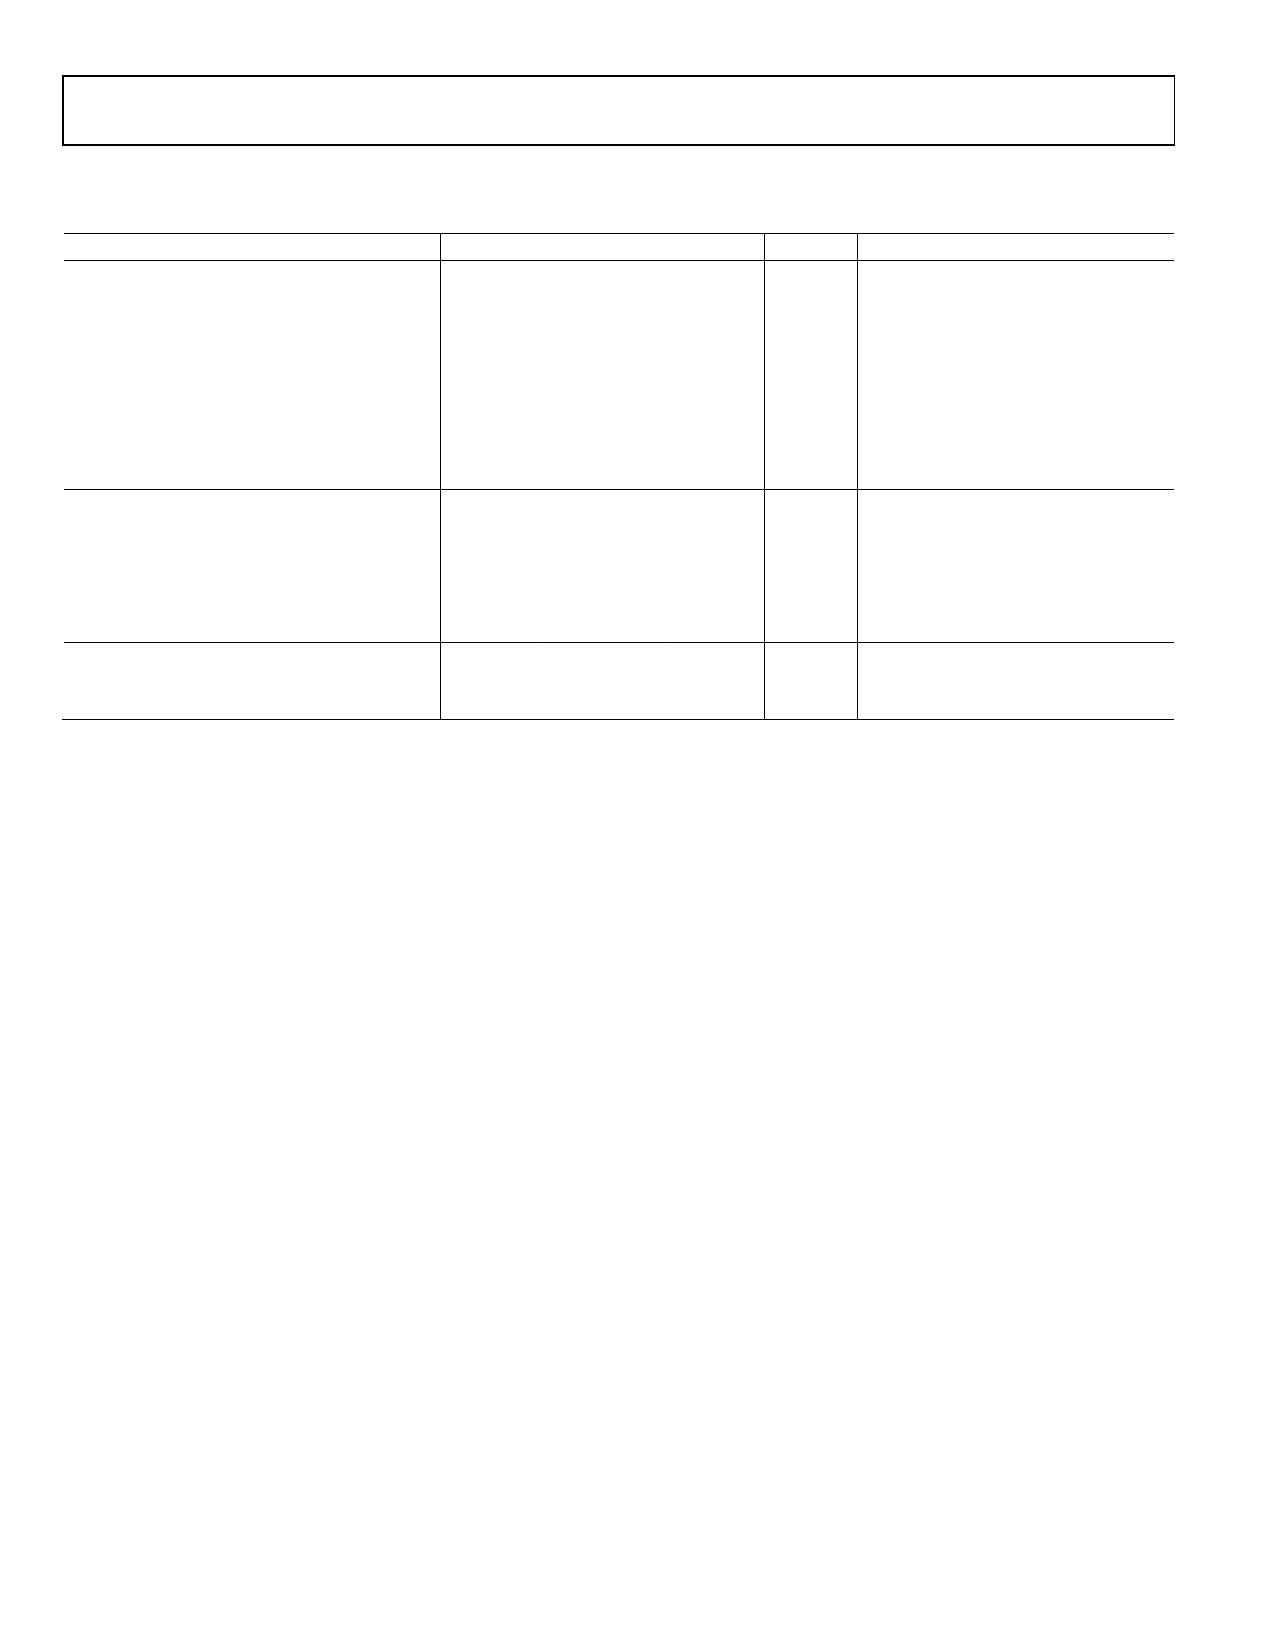 SSM2604 pdf